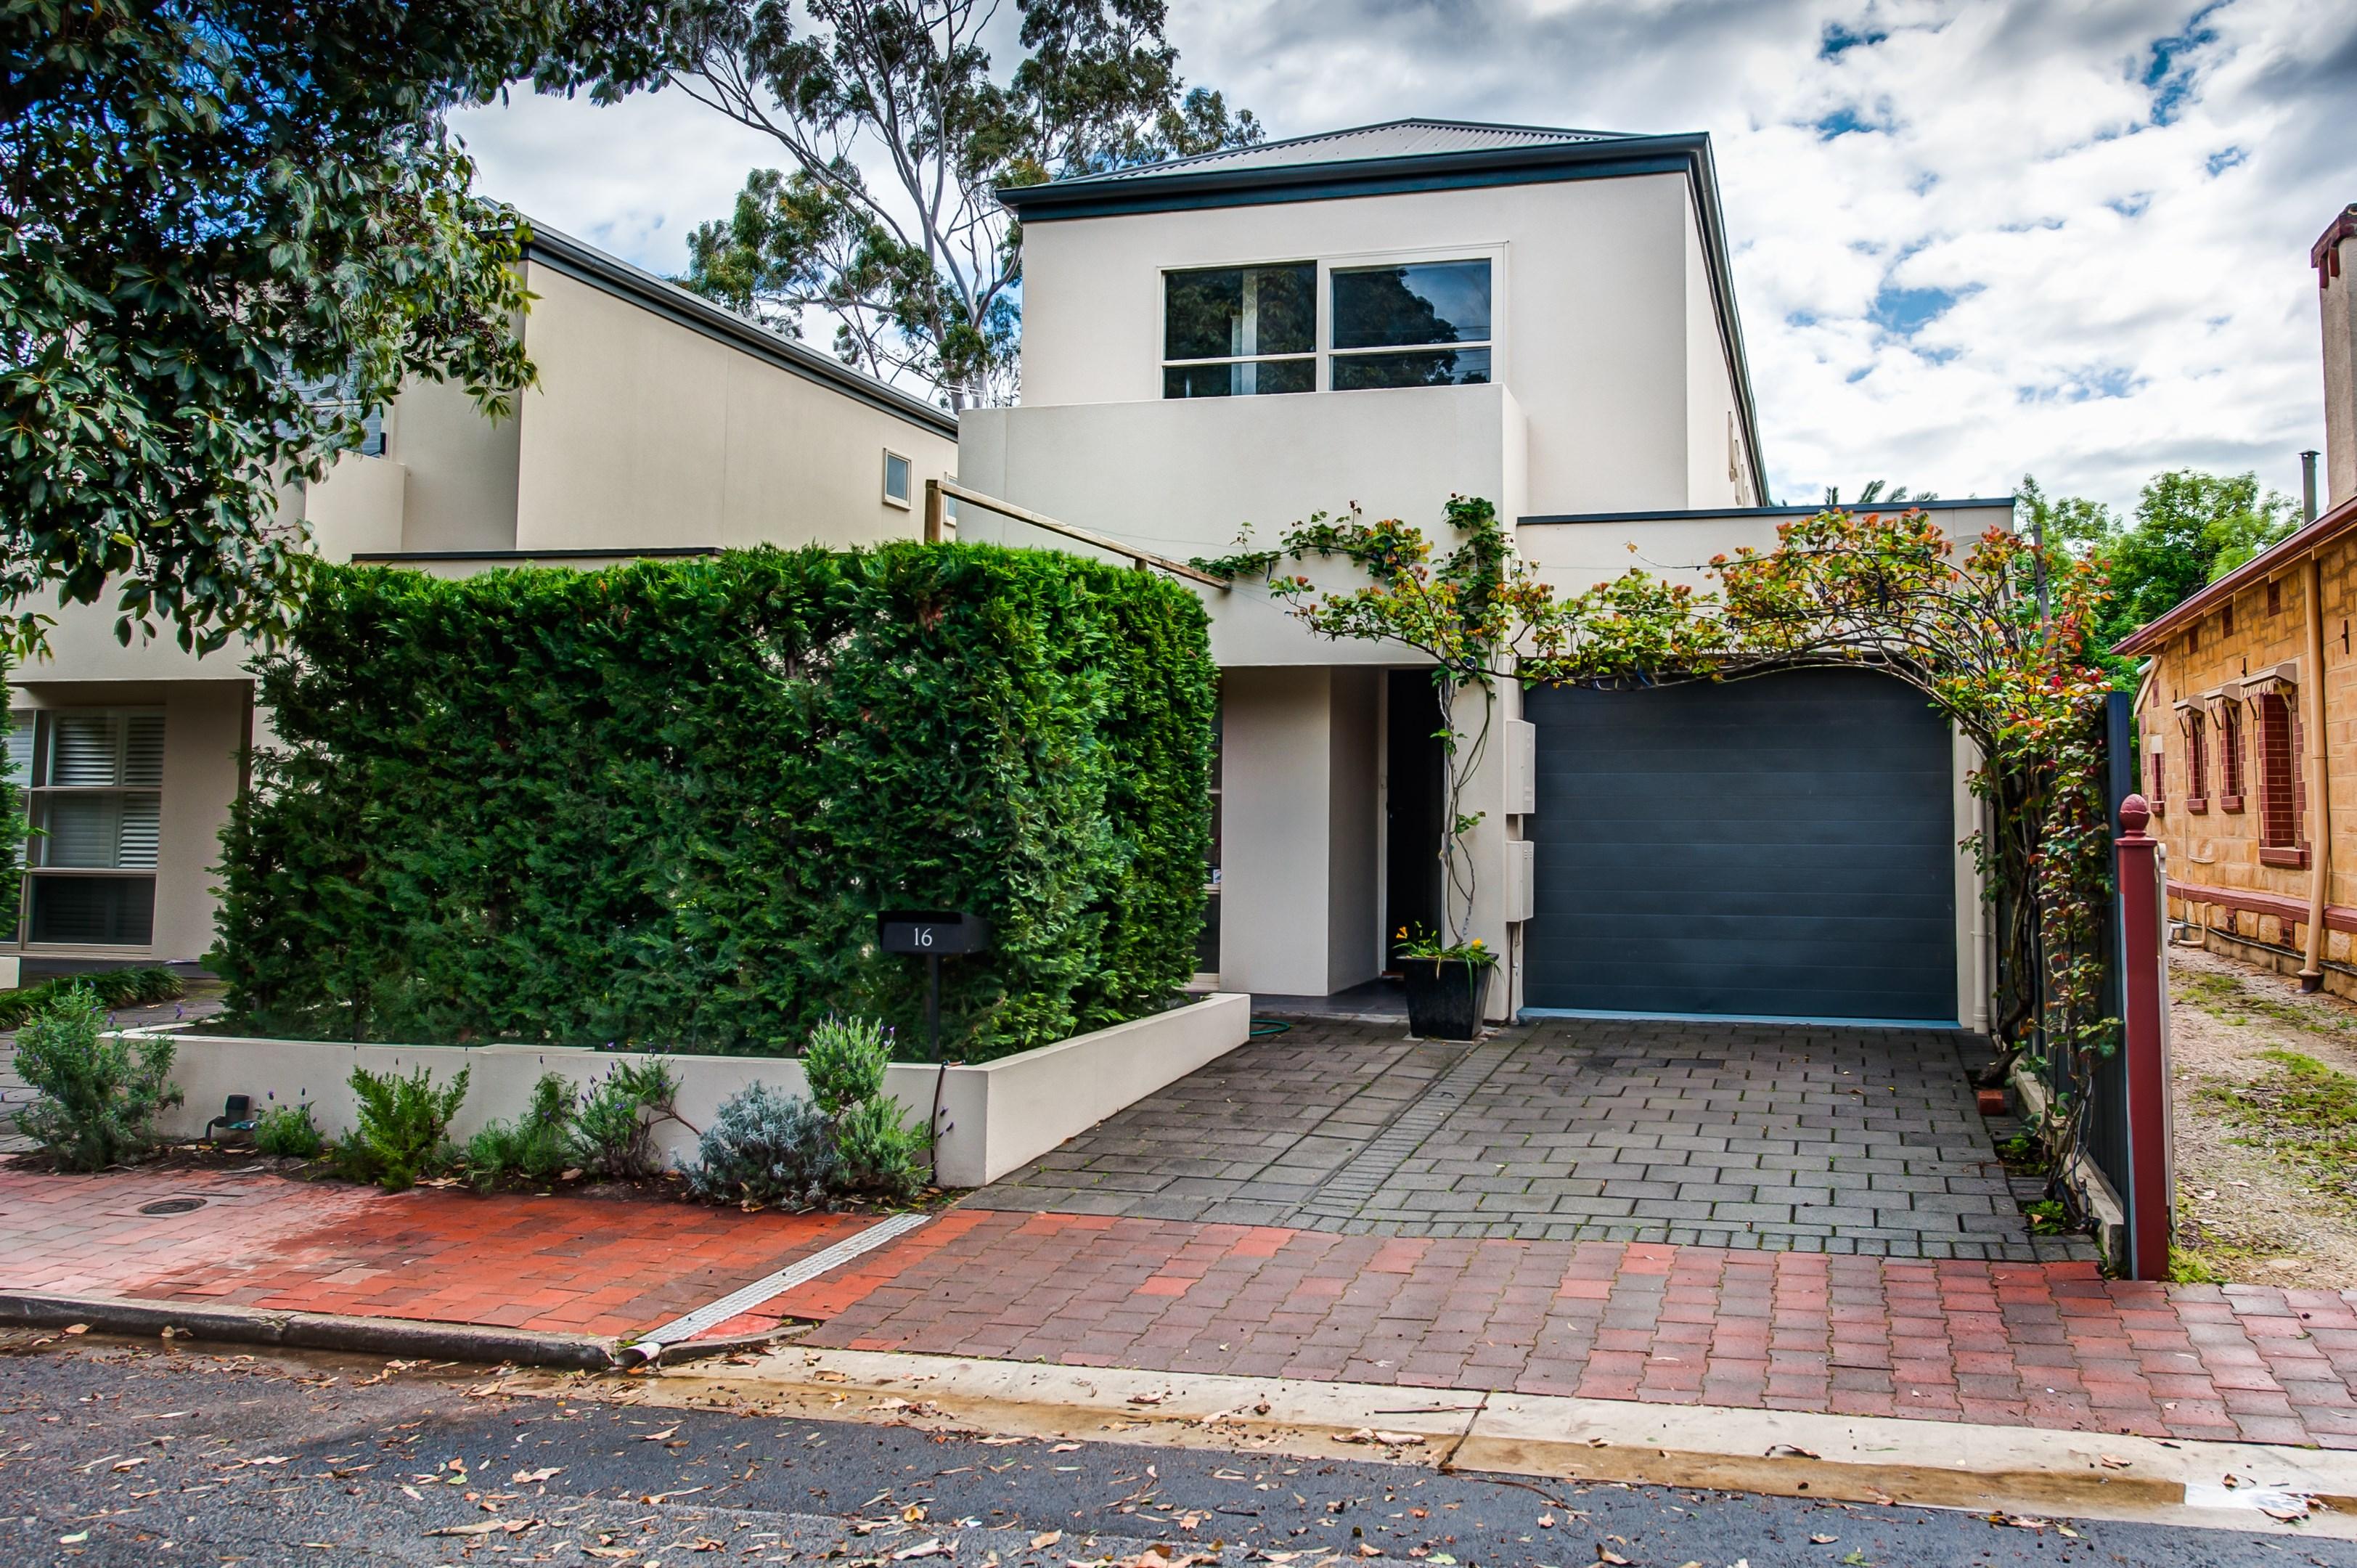 16 Olive Street Parkside SA 5063 House For Sale